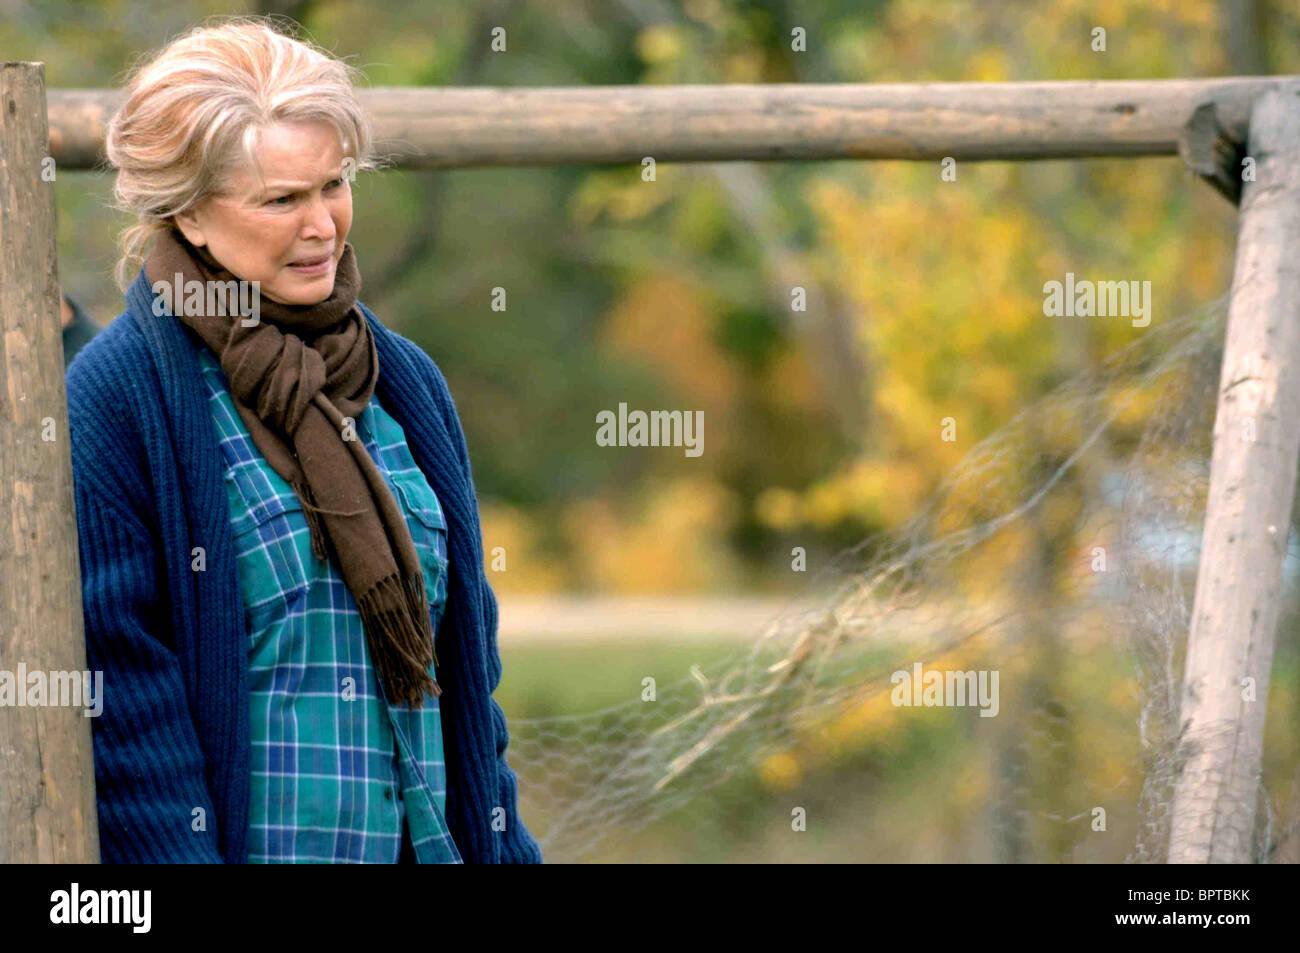 ELLEN BURSTYN THE STONE ANGEL (2007) - Stock Image